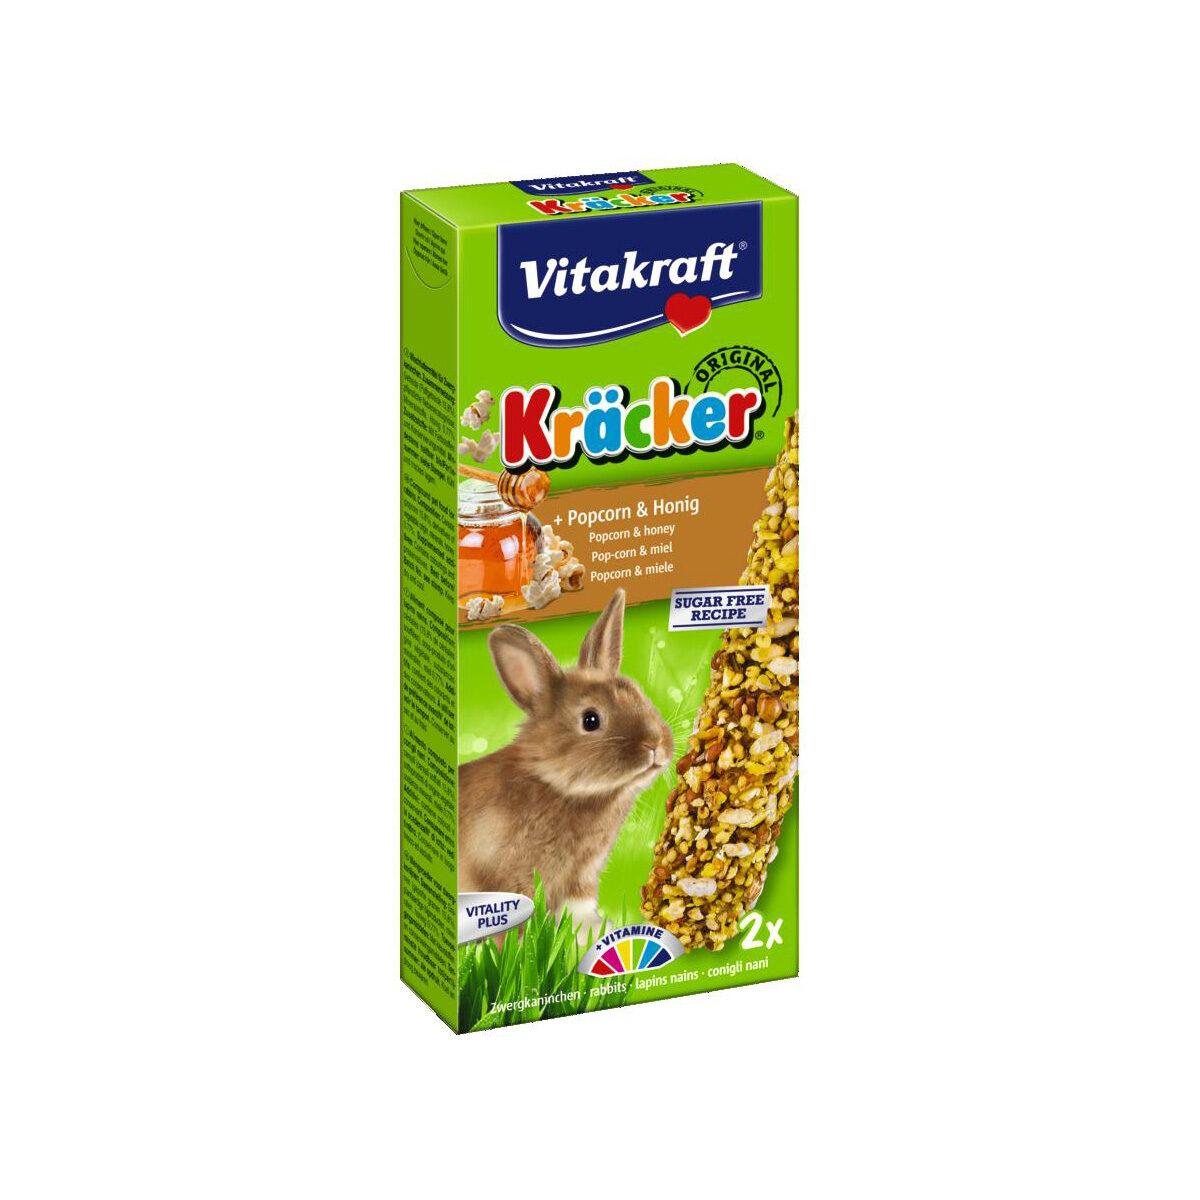 Vitakraft Kräcker Konijnensnack 2-in-1 Popcorn&Honing